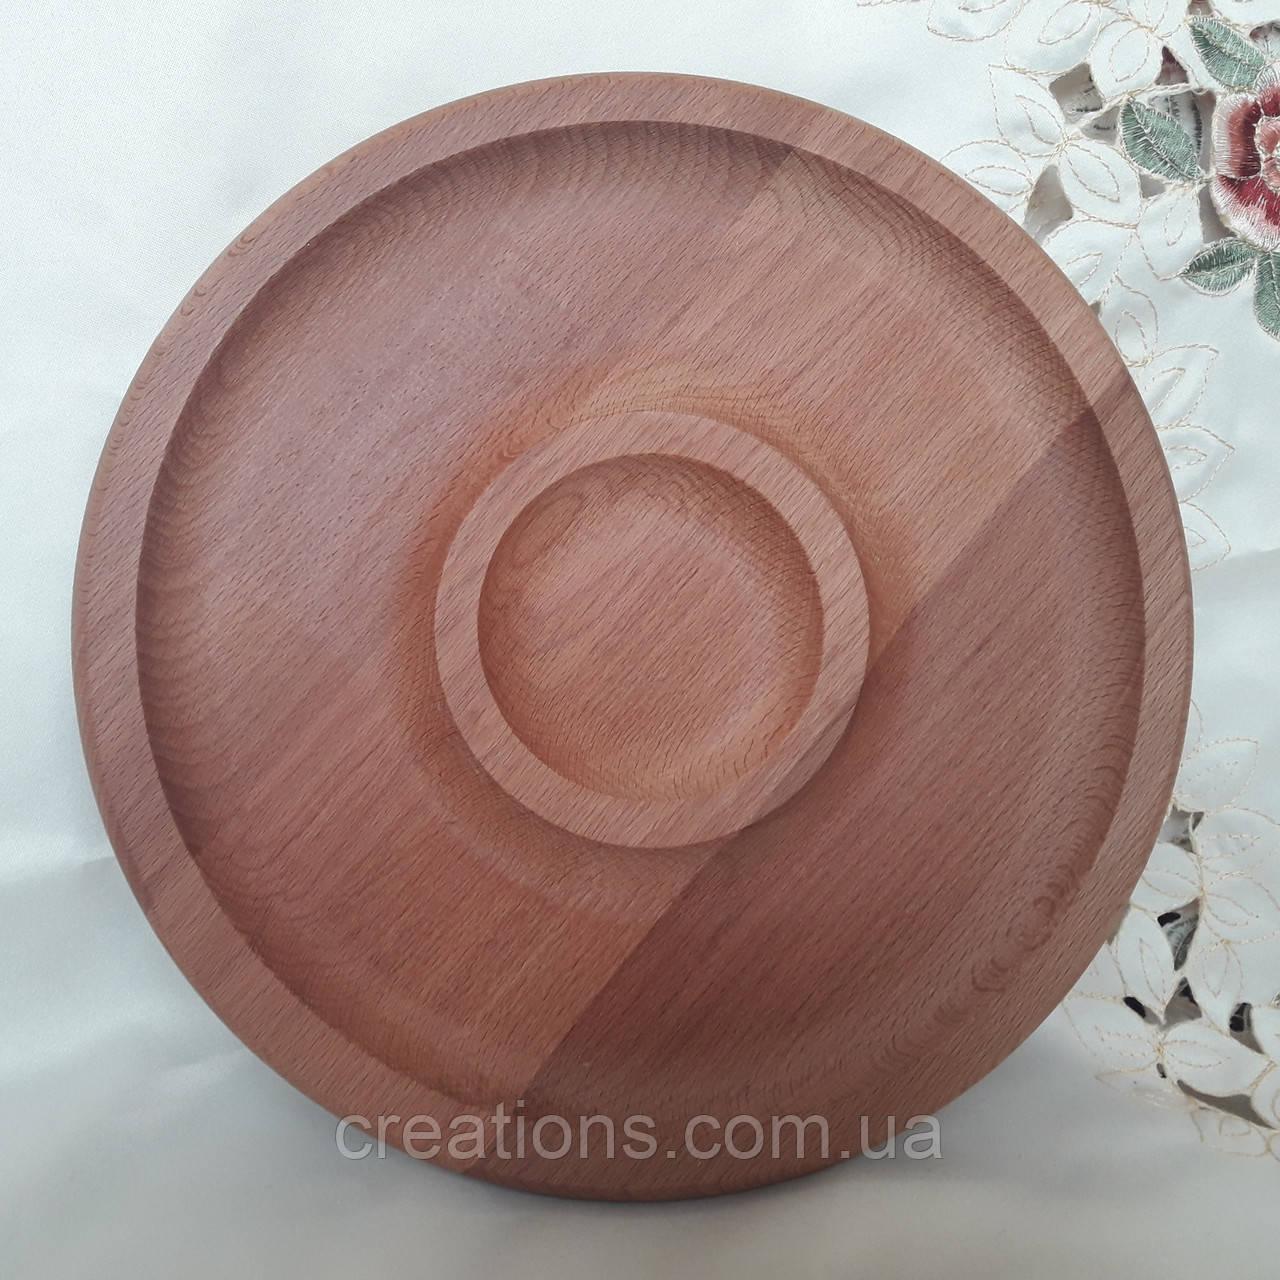 Менажниця дерев'яна 26 див. кругла з соусницей з бука БМ-34